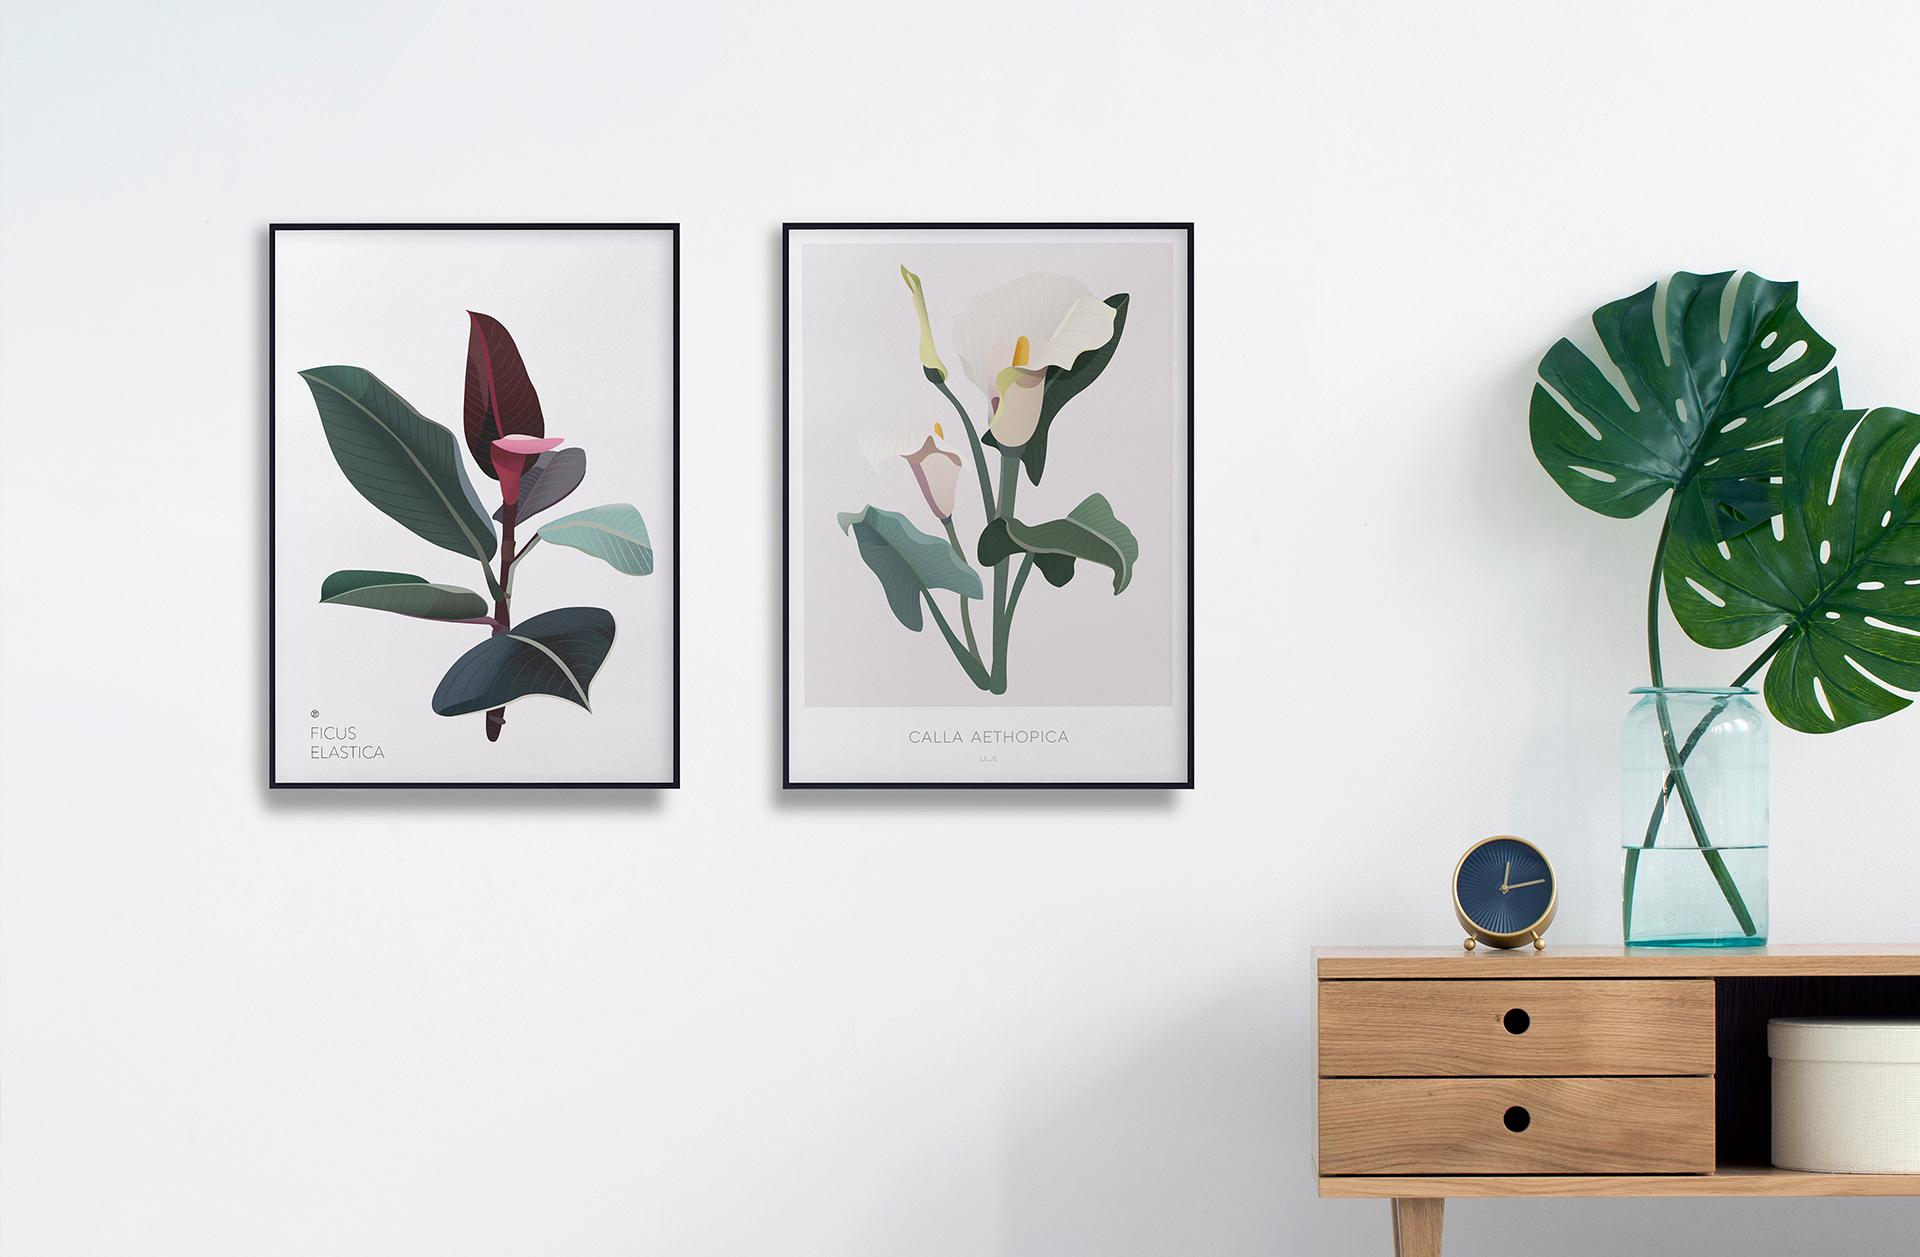 Galleri plakater   Botaniske plakater   Botanisk illustrasjon   planter   interiør   plantebord   illustrert av ohoi studio